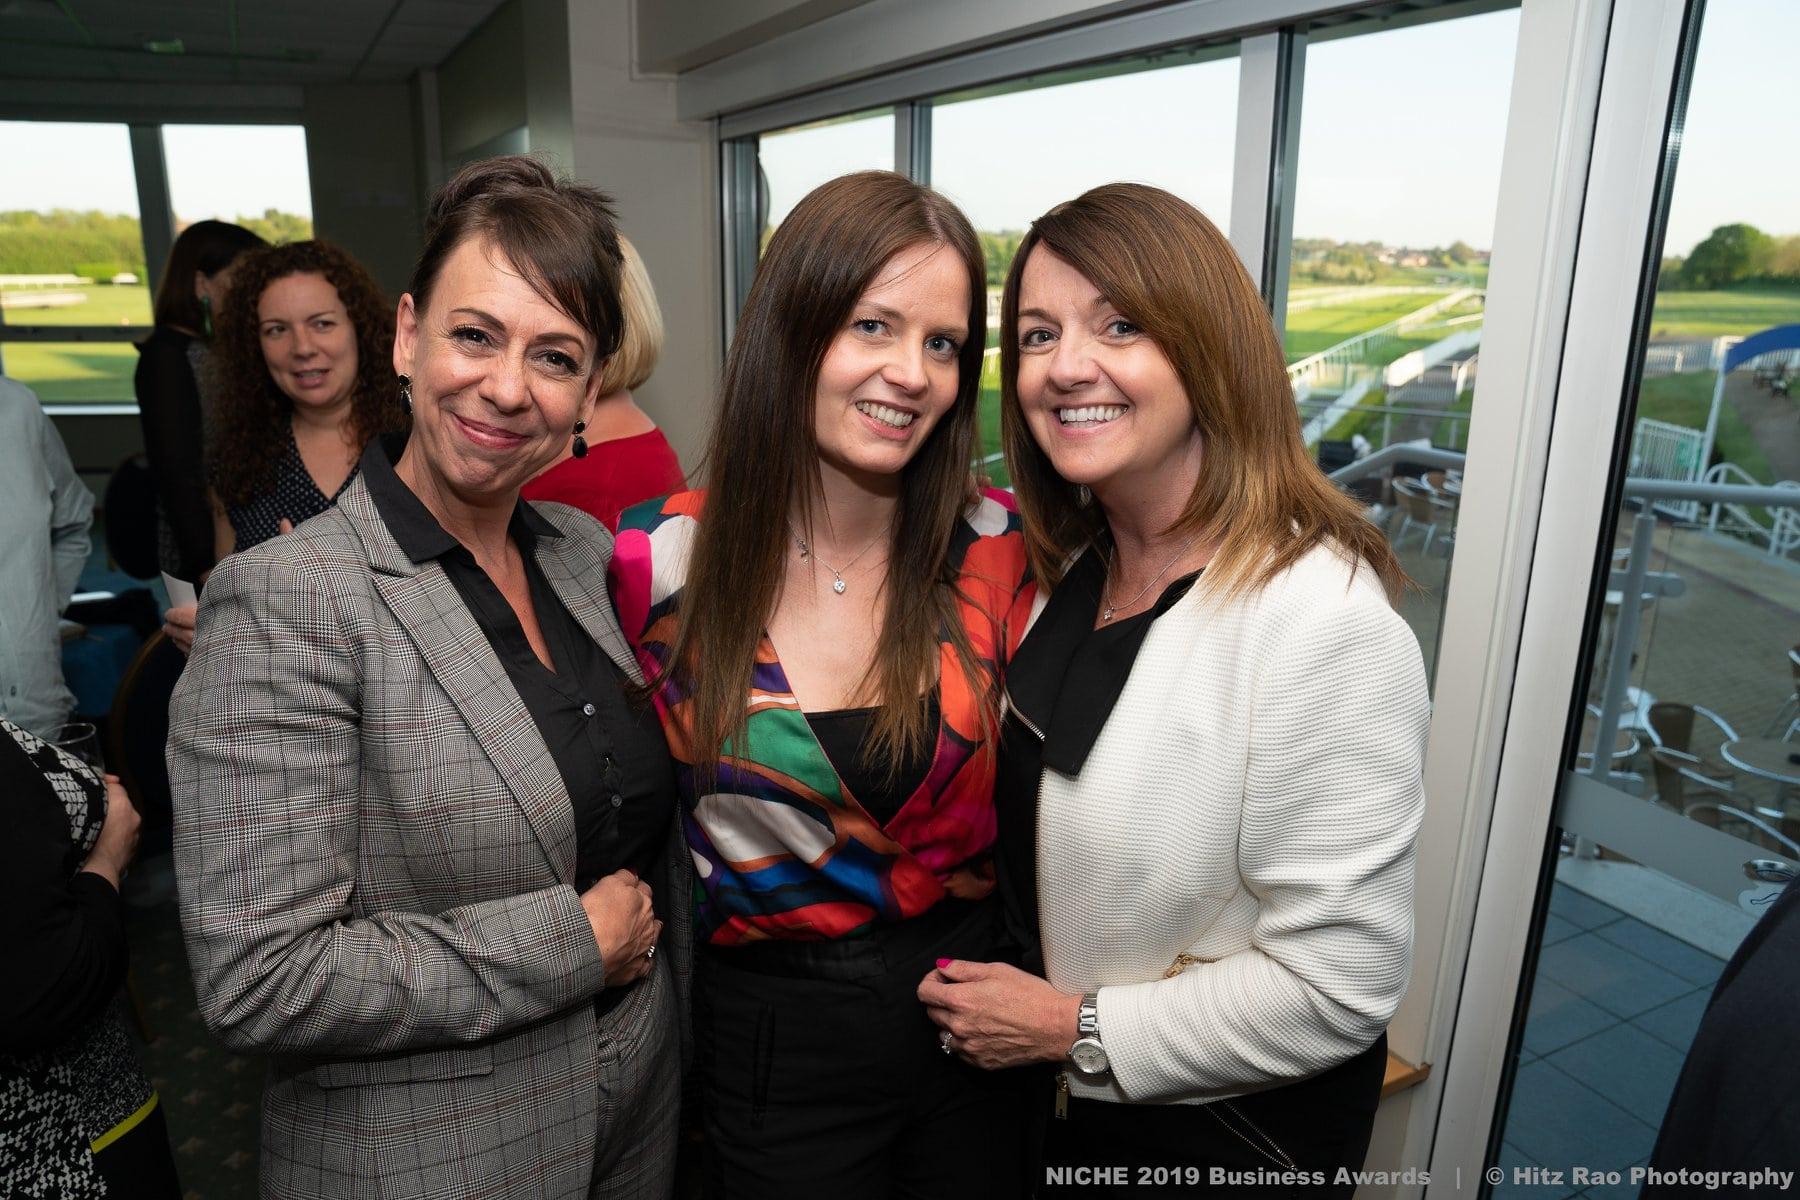 Niche Business Awards - Eileen Richards Recruitment Leicester